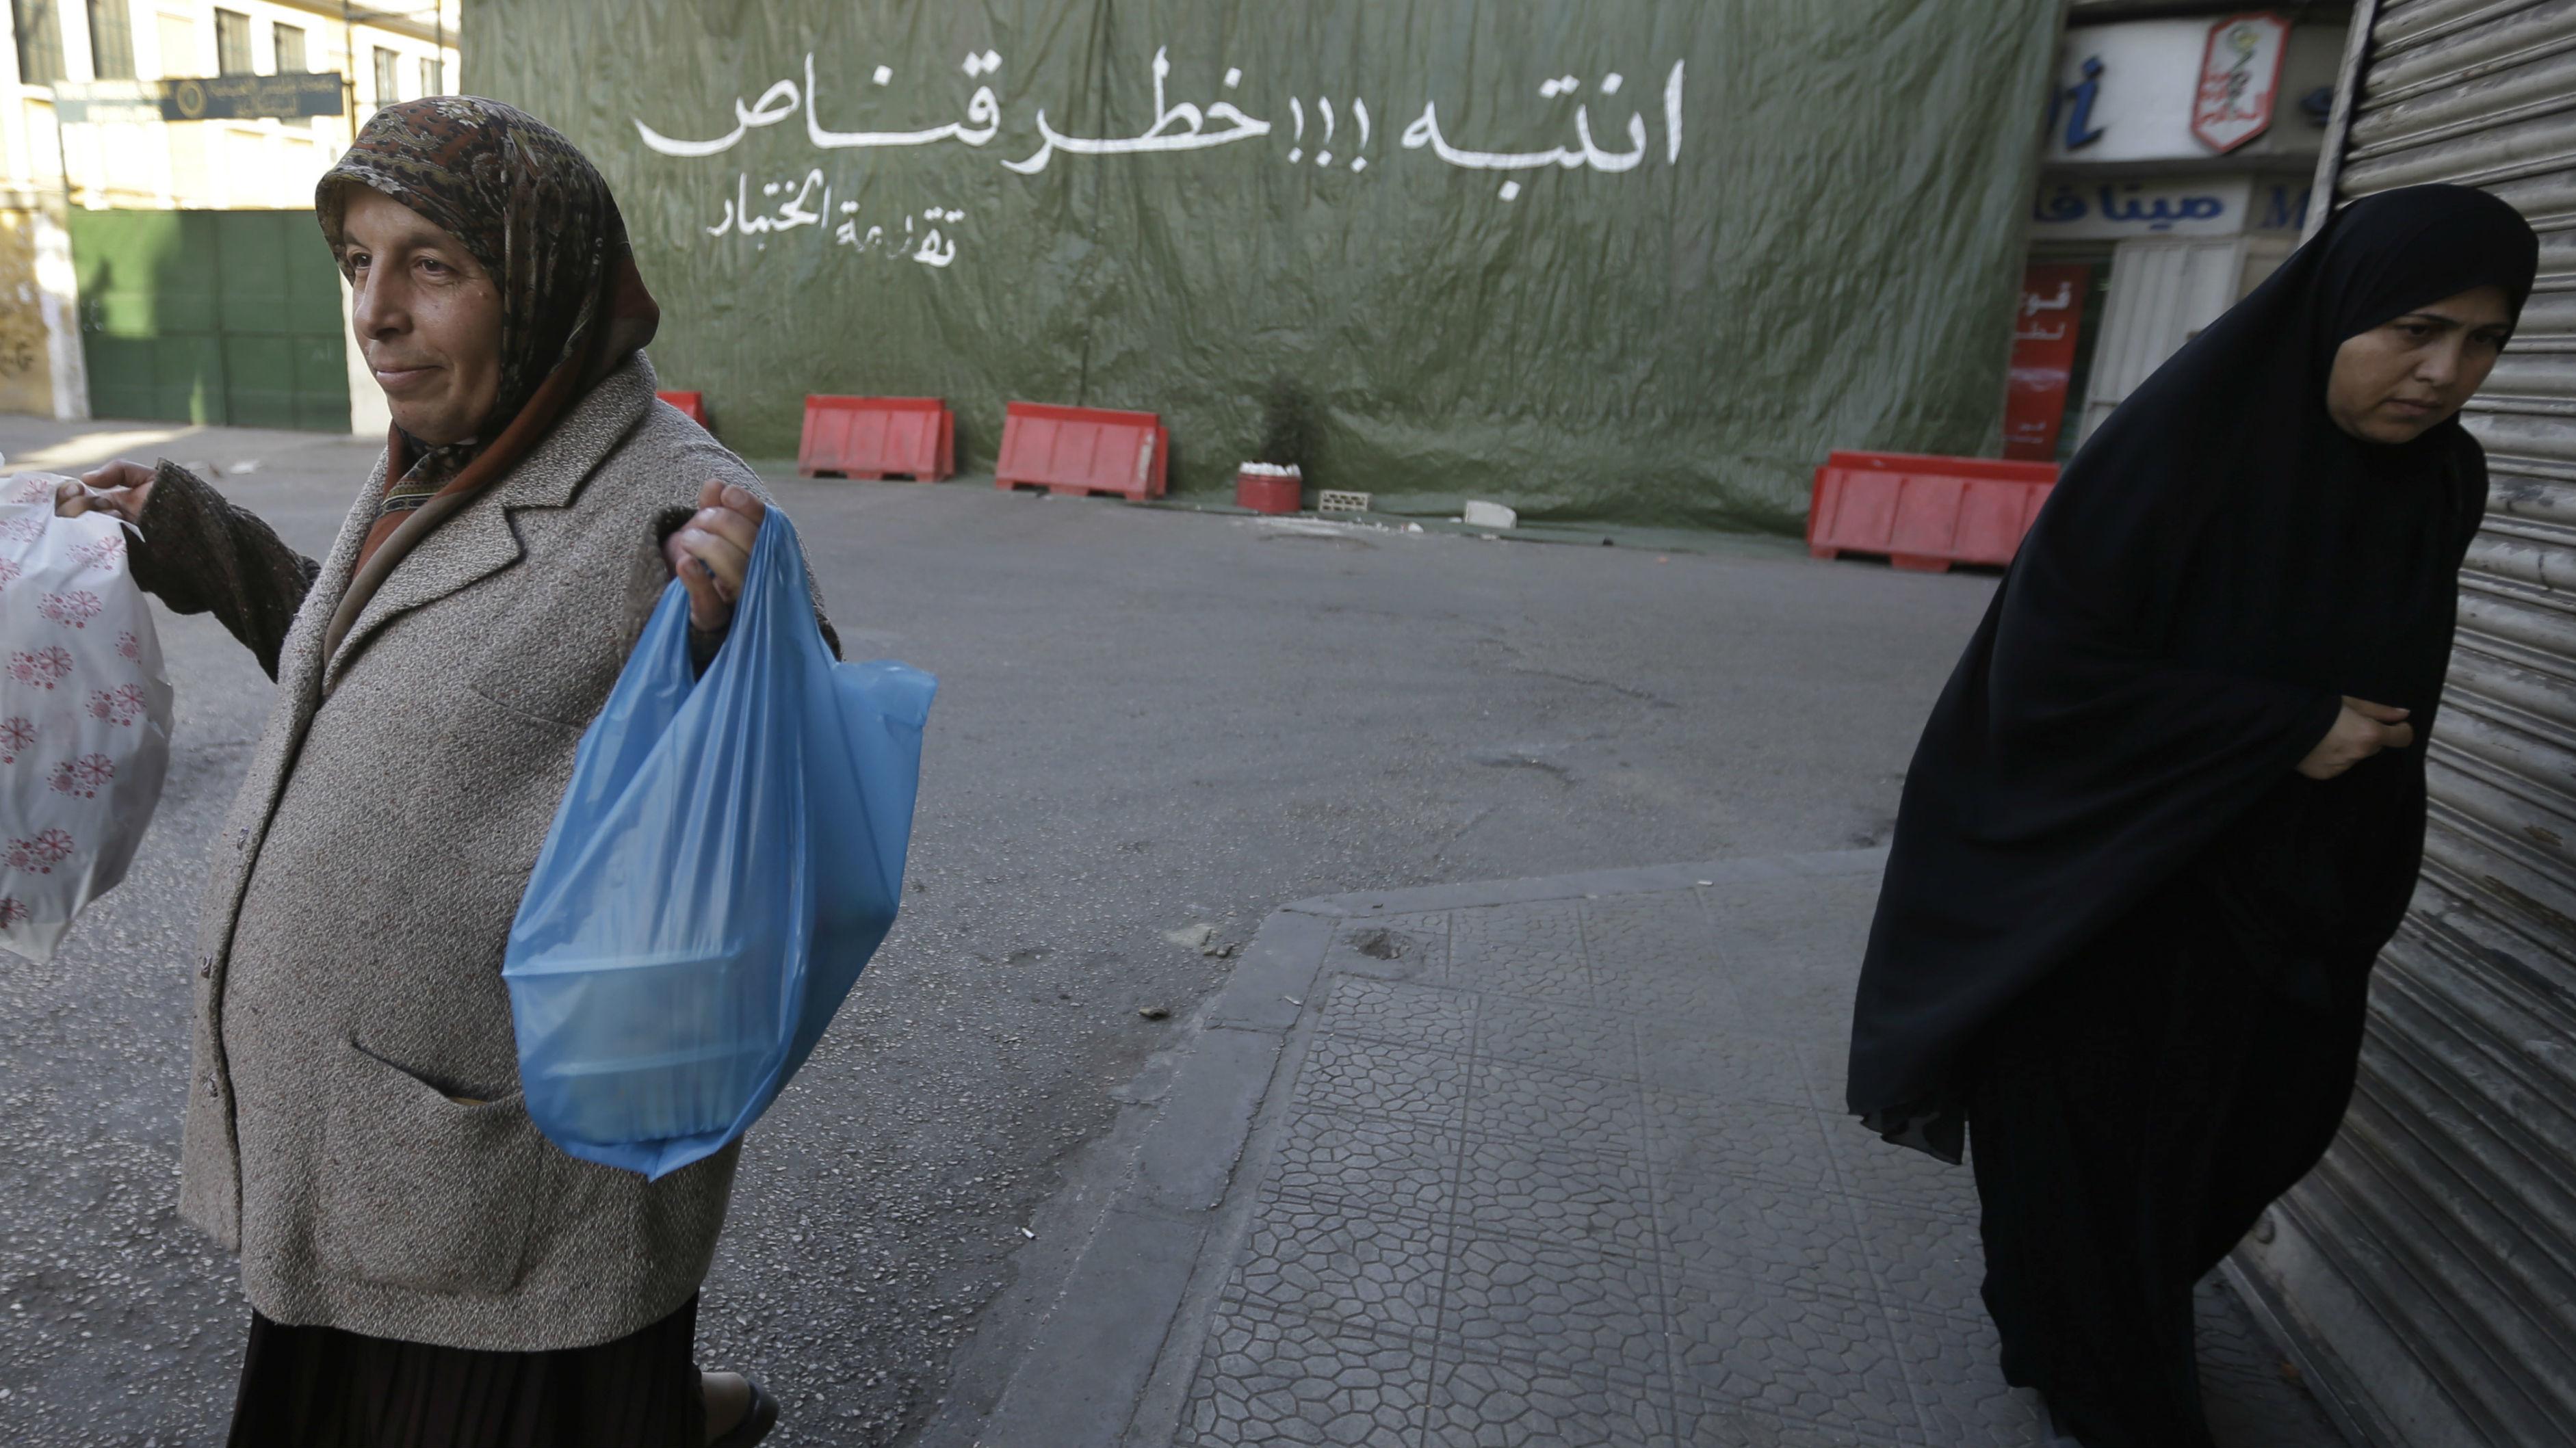 المراة السورية في ظل النزاع المسلّح